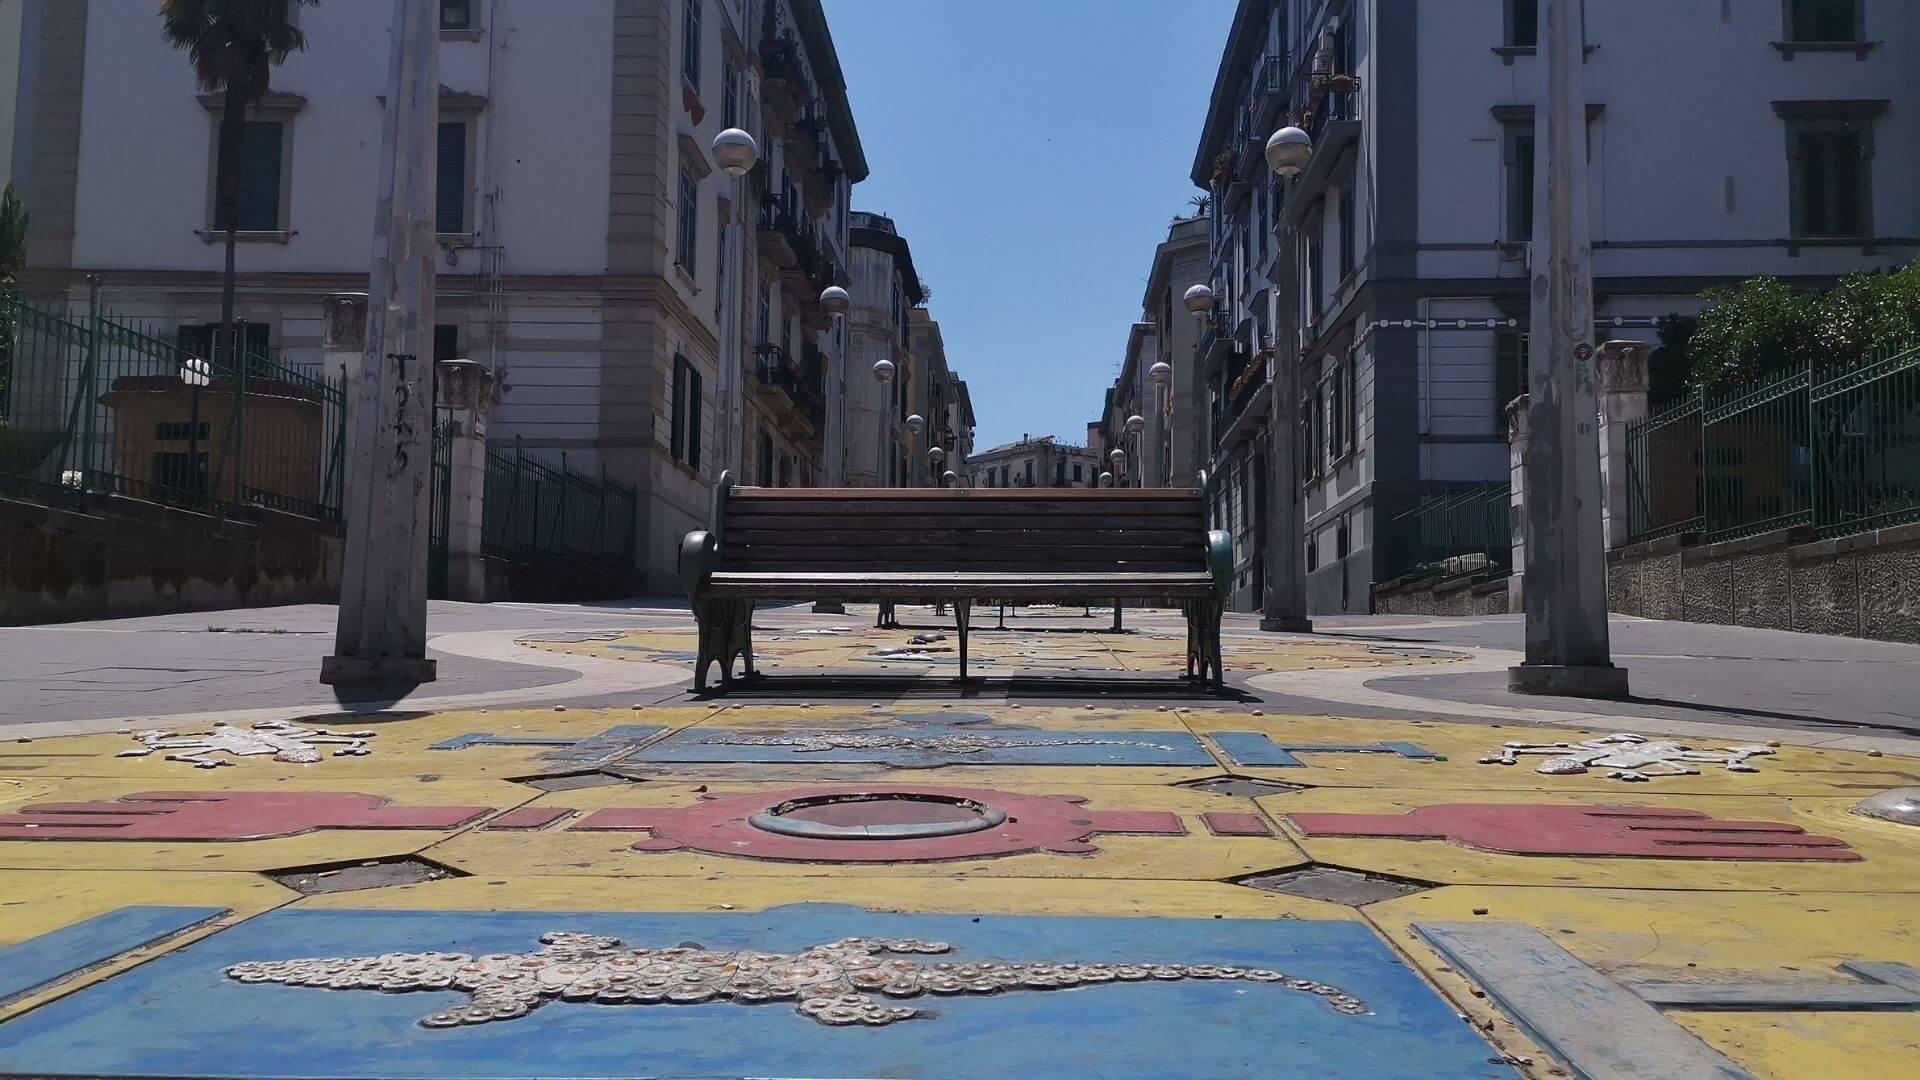 Materdei, il rione di Napoli